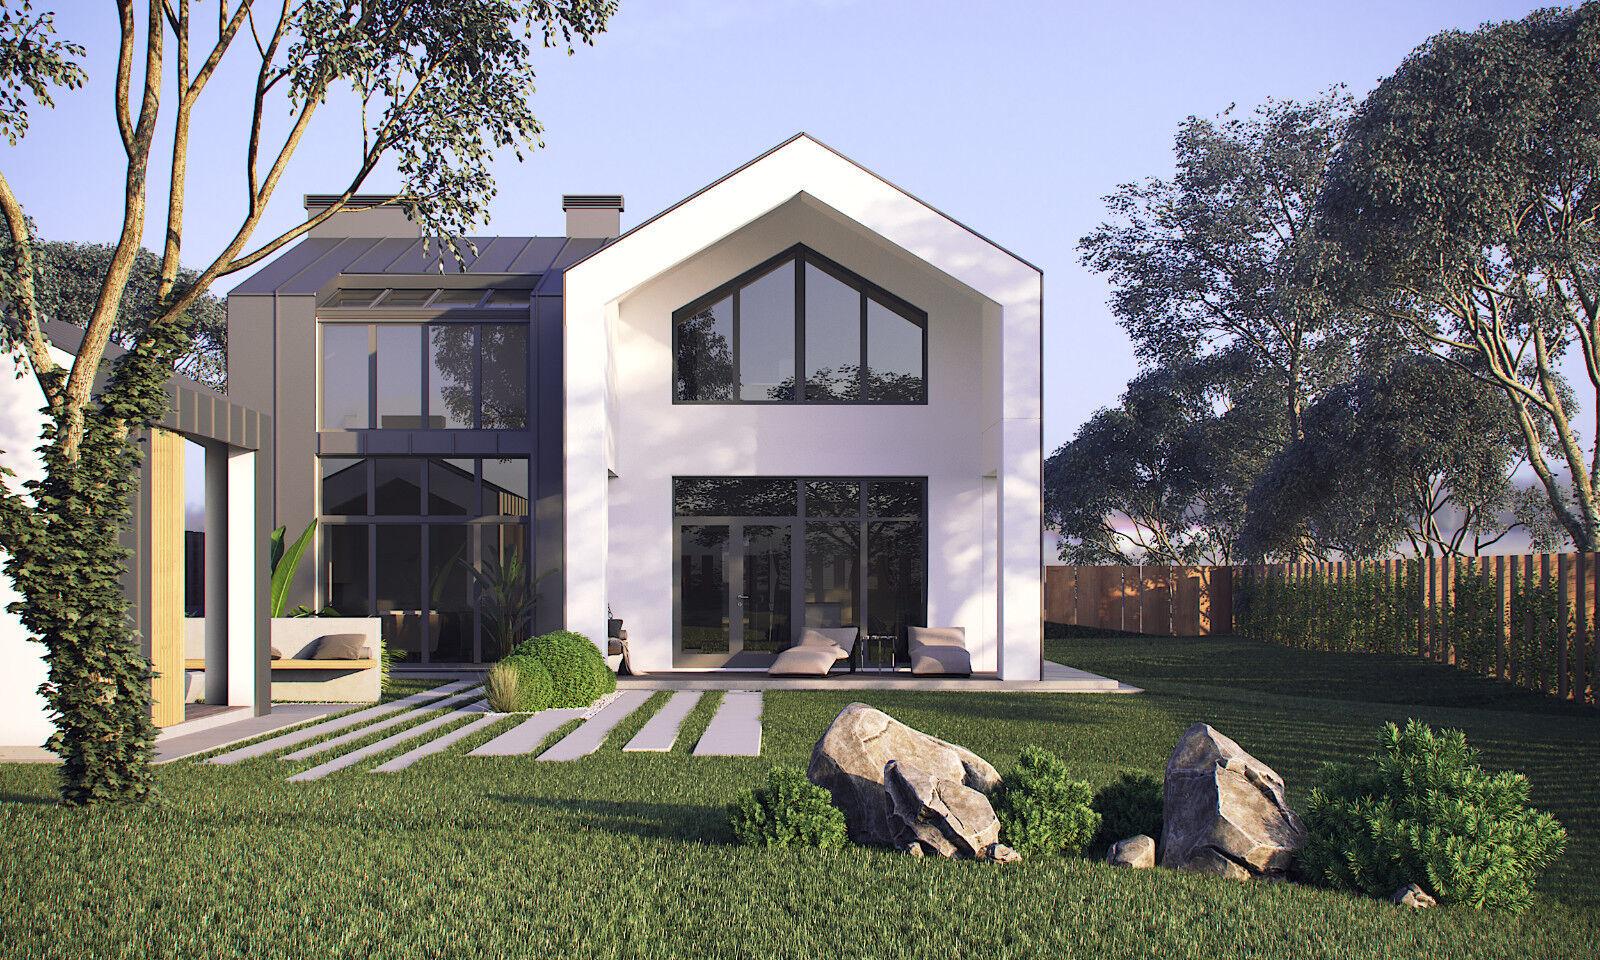 Modern House Plan Building Plans Blauprints & Material List 2018  171 m + 25m